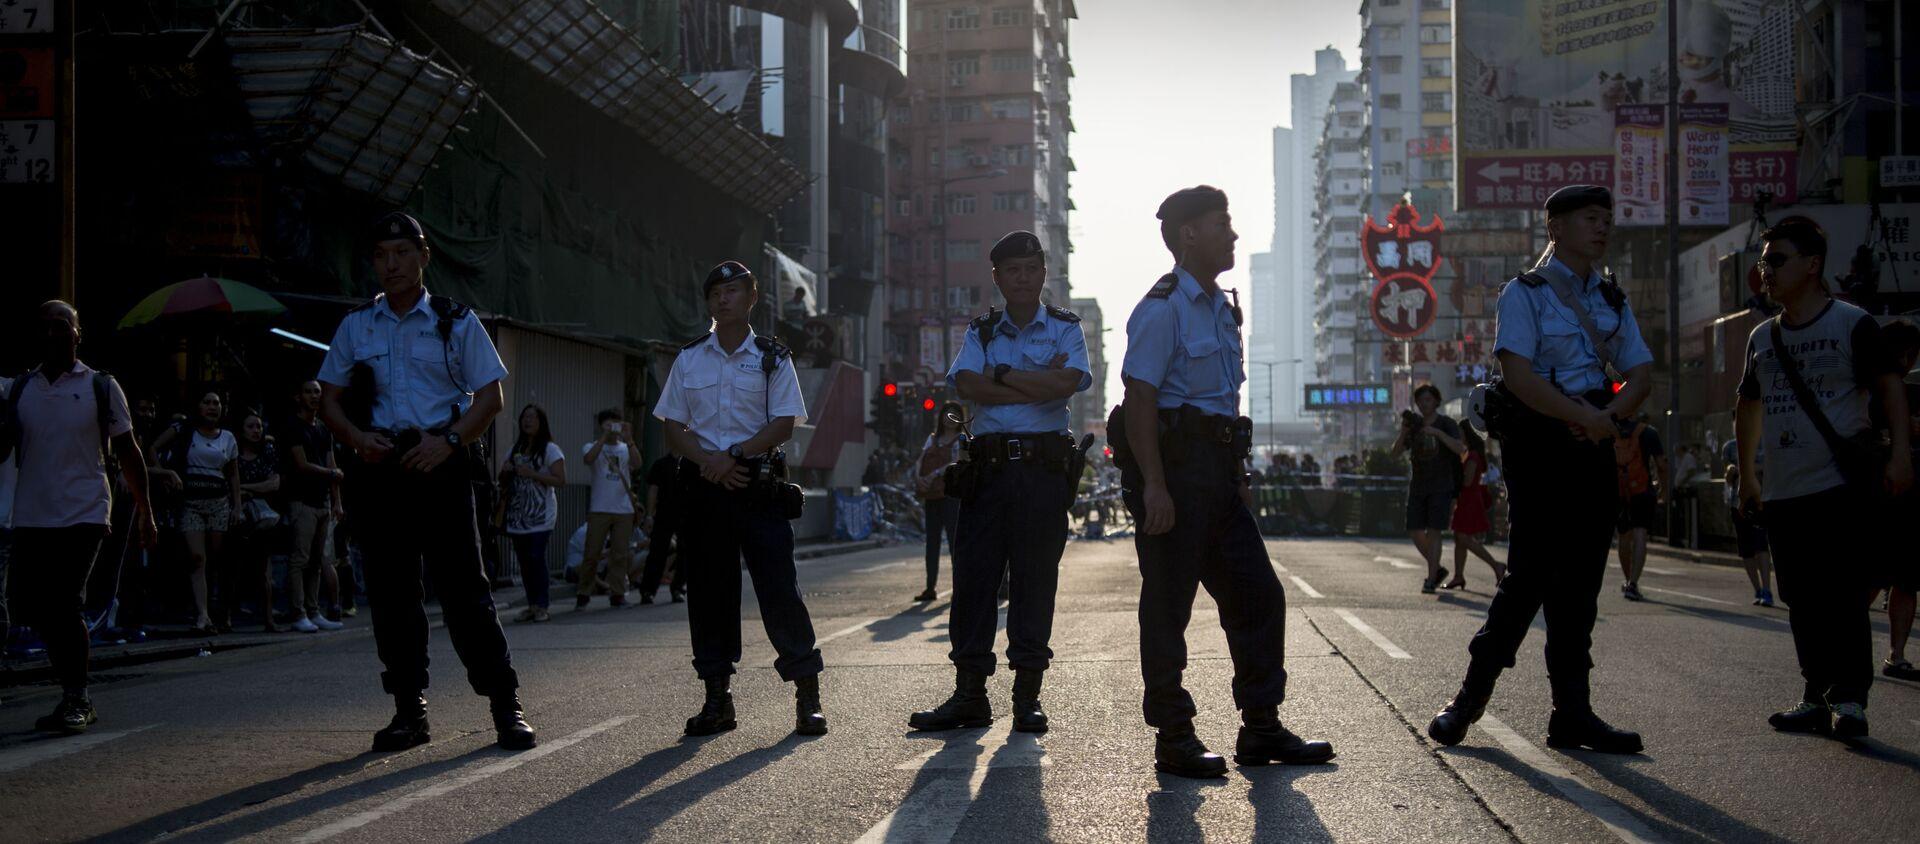 Hồng Kông quyết định lập đội đặc nhiệm ưu tú để chống lại bạo loạn - Sputnik Việt Nam, 1920, 01.03.2021